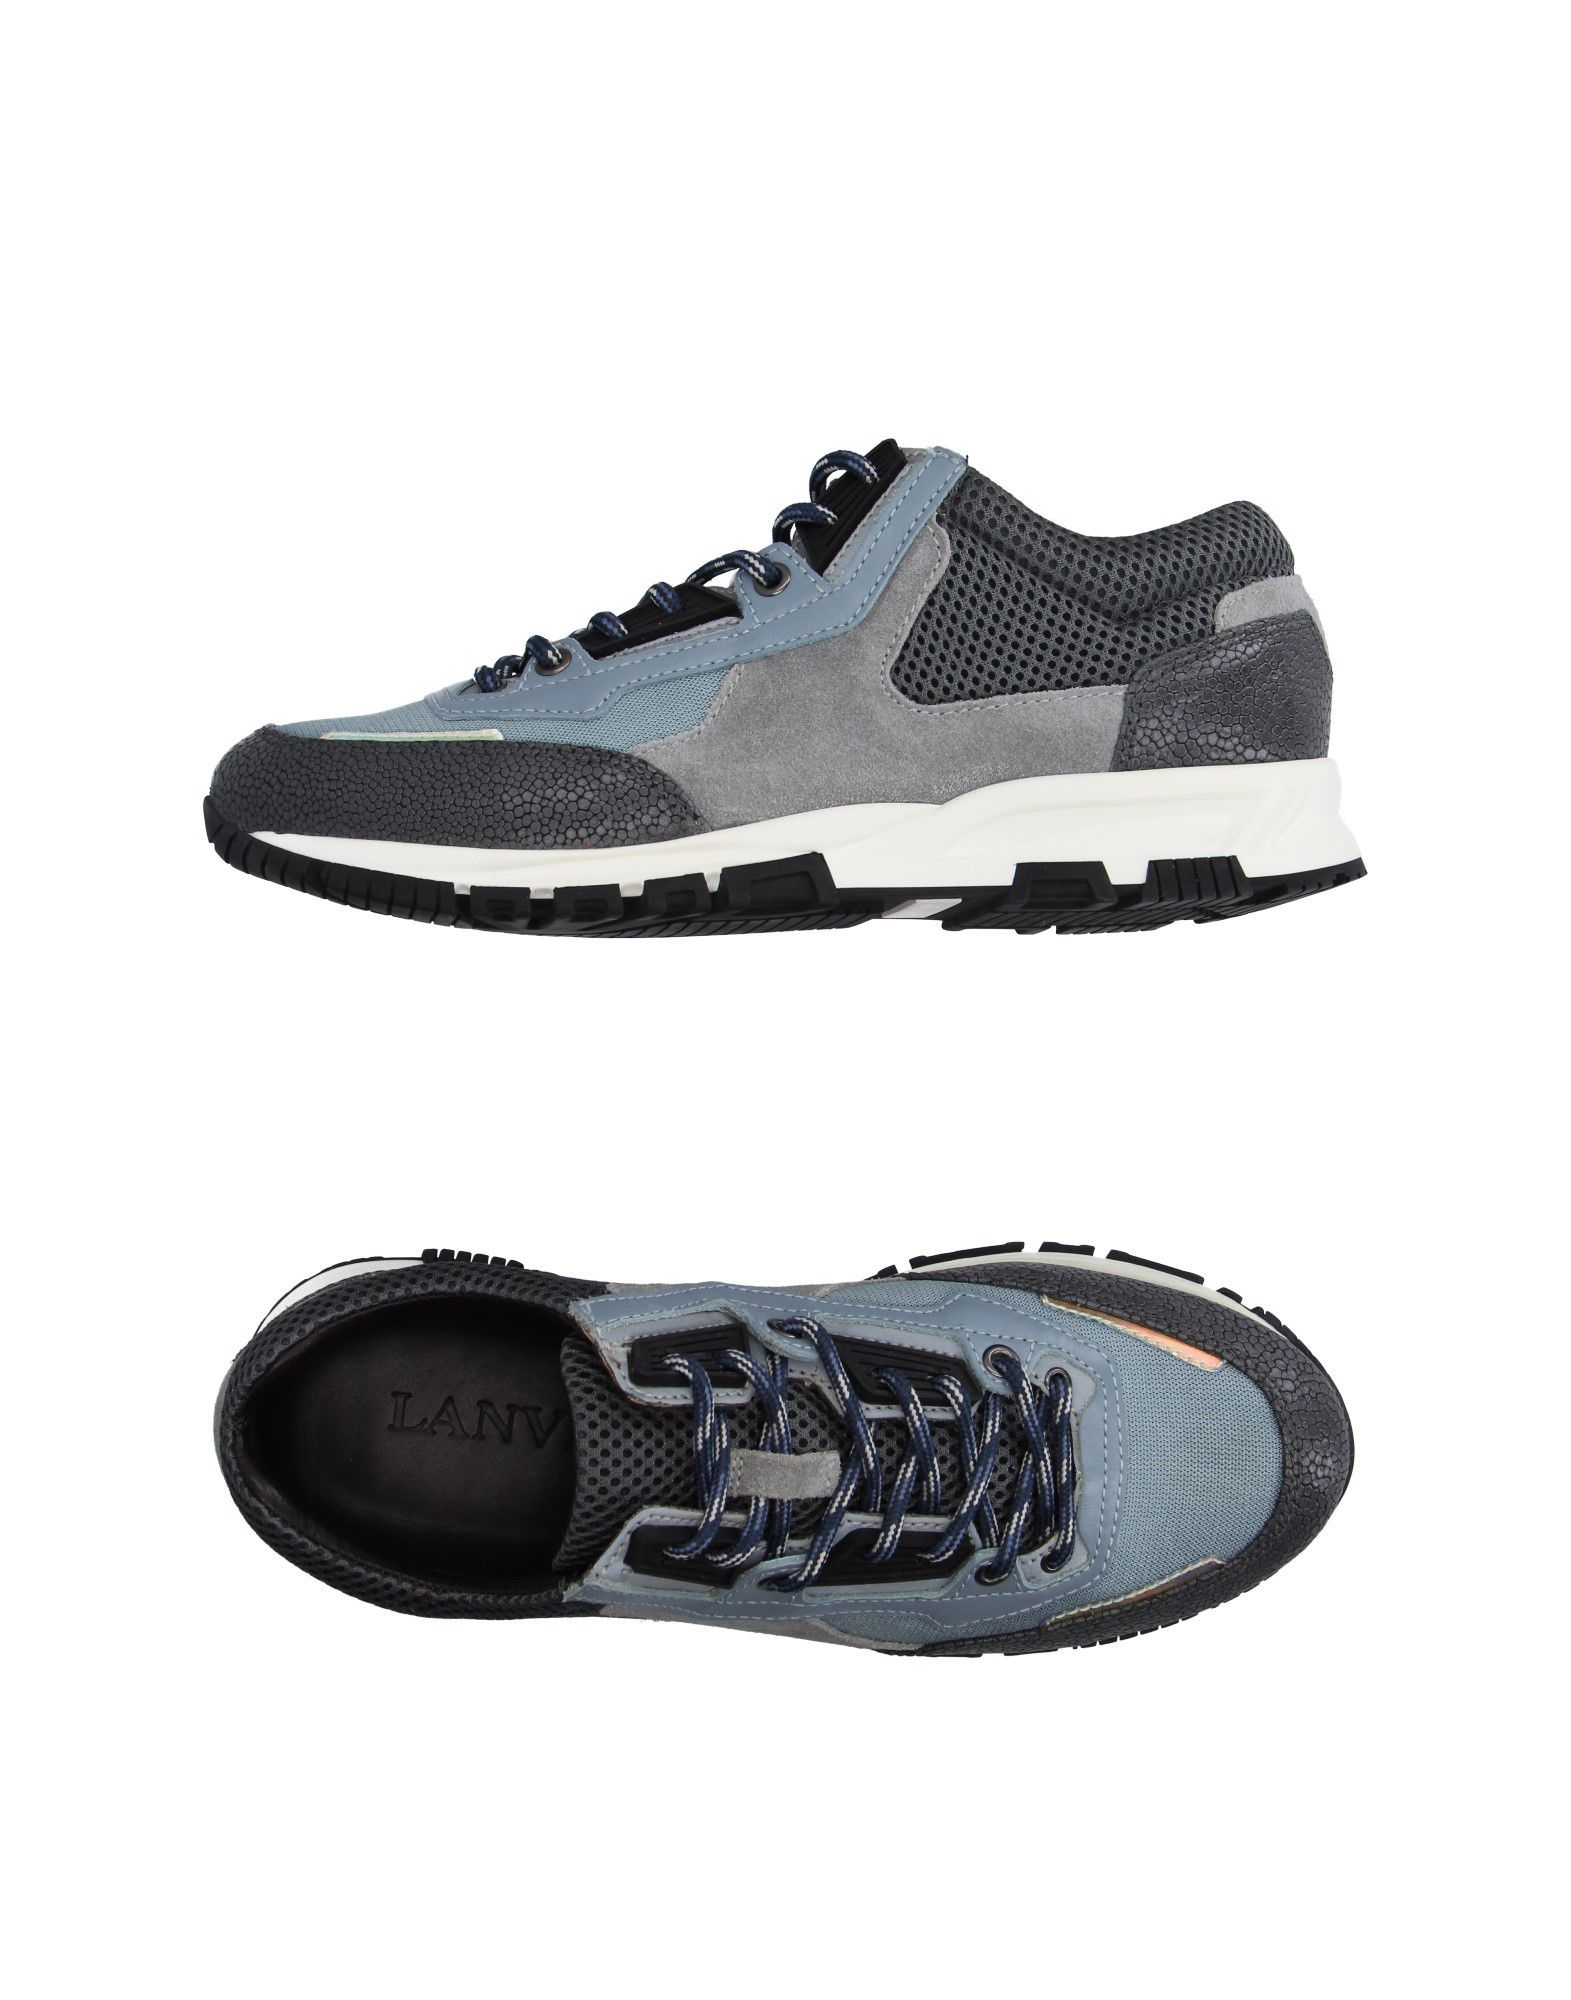 Lanvin Sneakers Herren   Herren 11154404DH 01addd